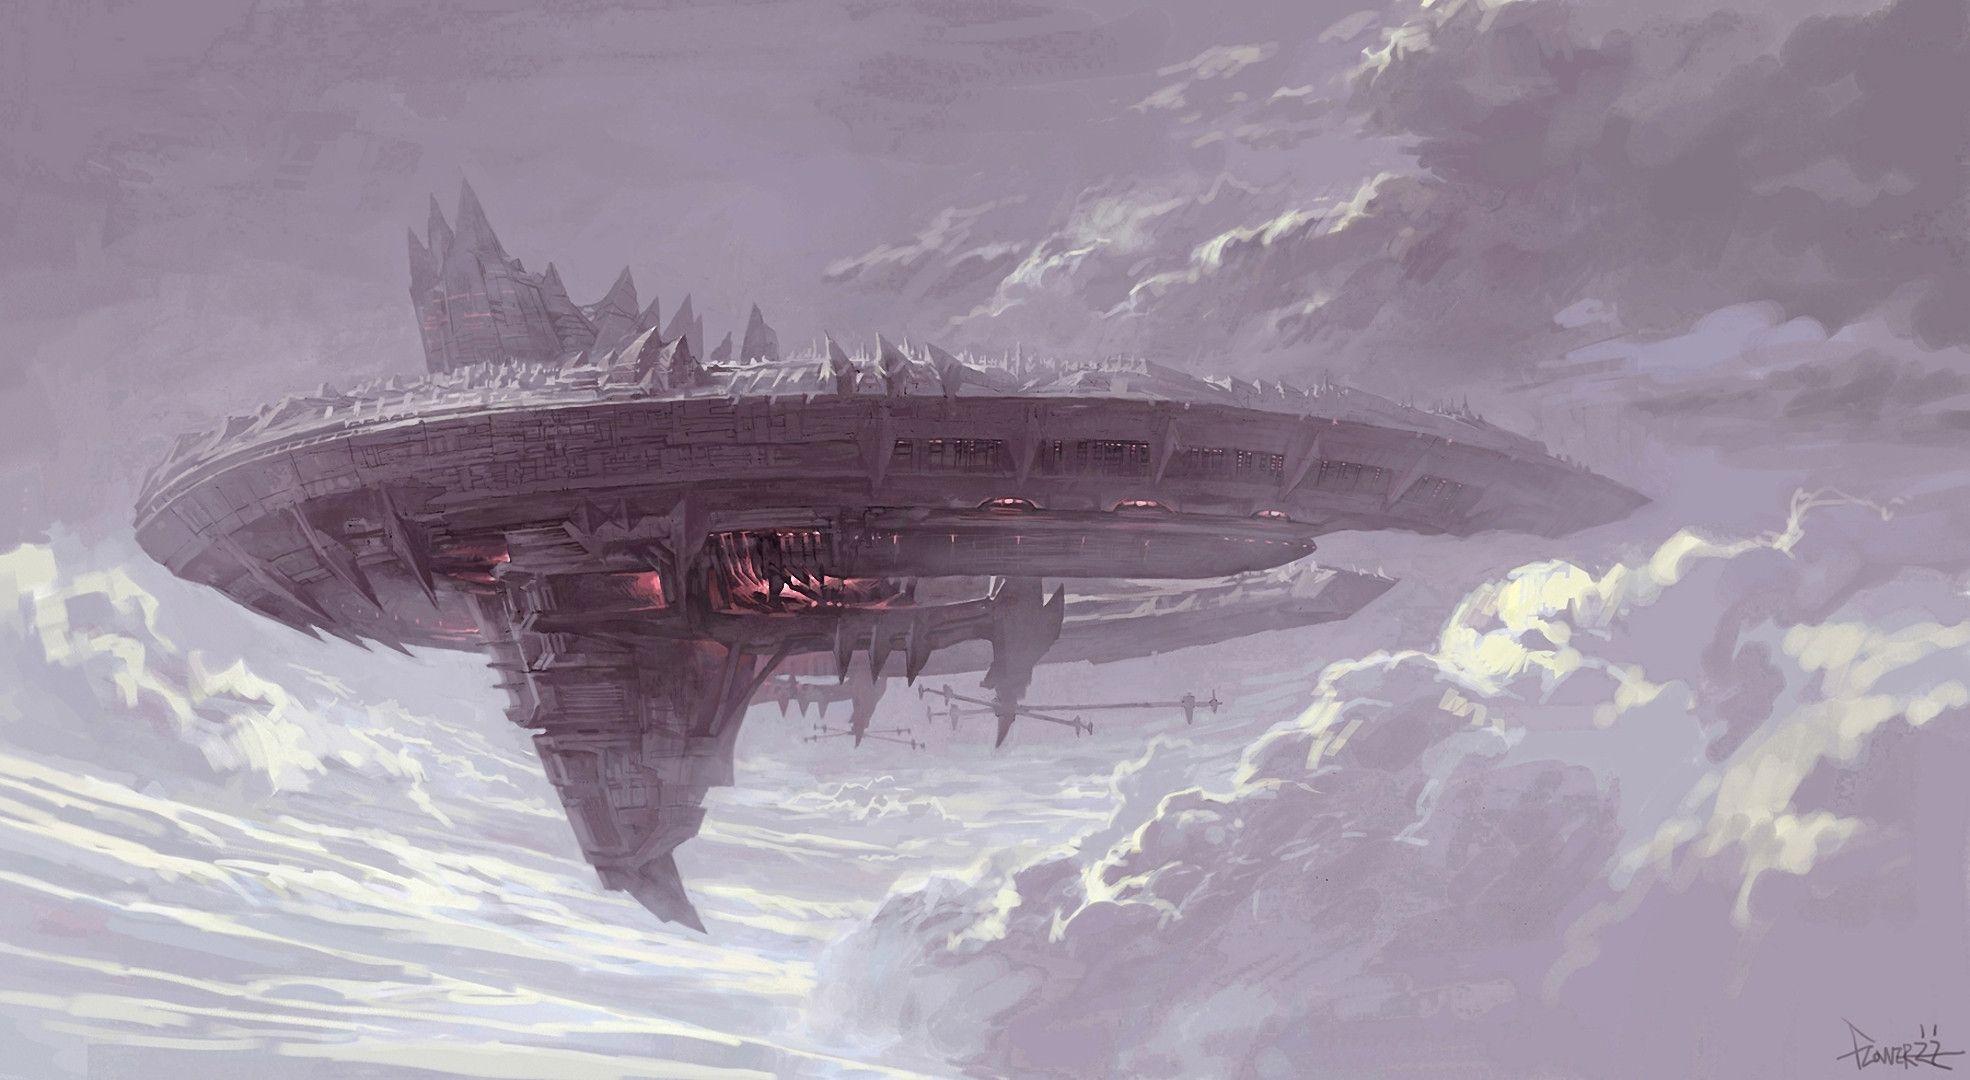 Spaceship Wallpaper 787